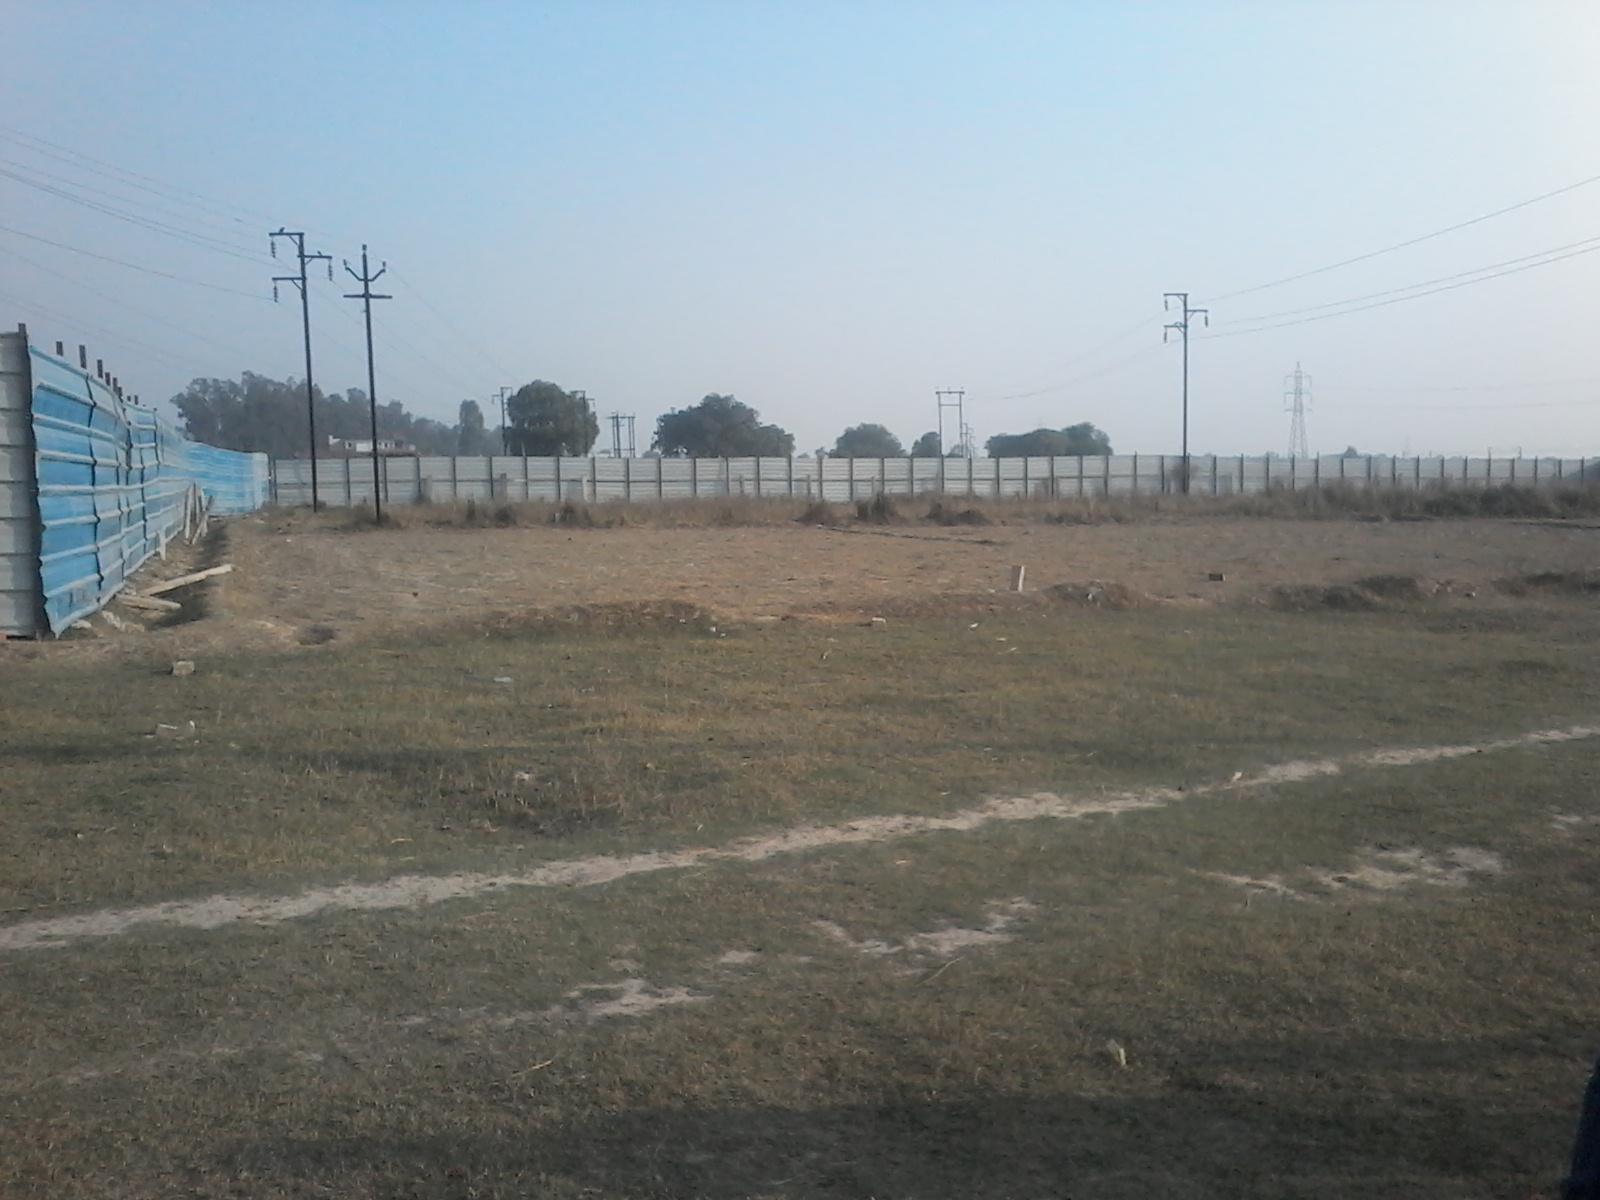 Patna Main Plot Le Ek Khubsurat Colony Main Masik Kiston Pe Bhi Bina Byaj Ke